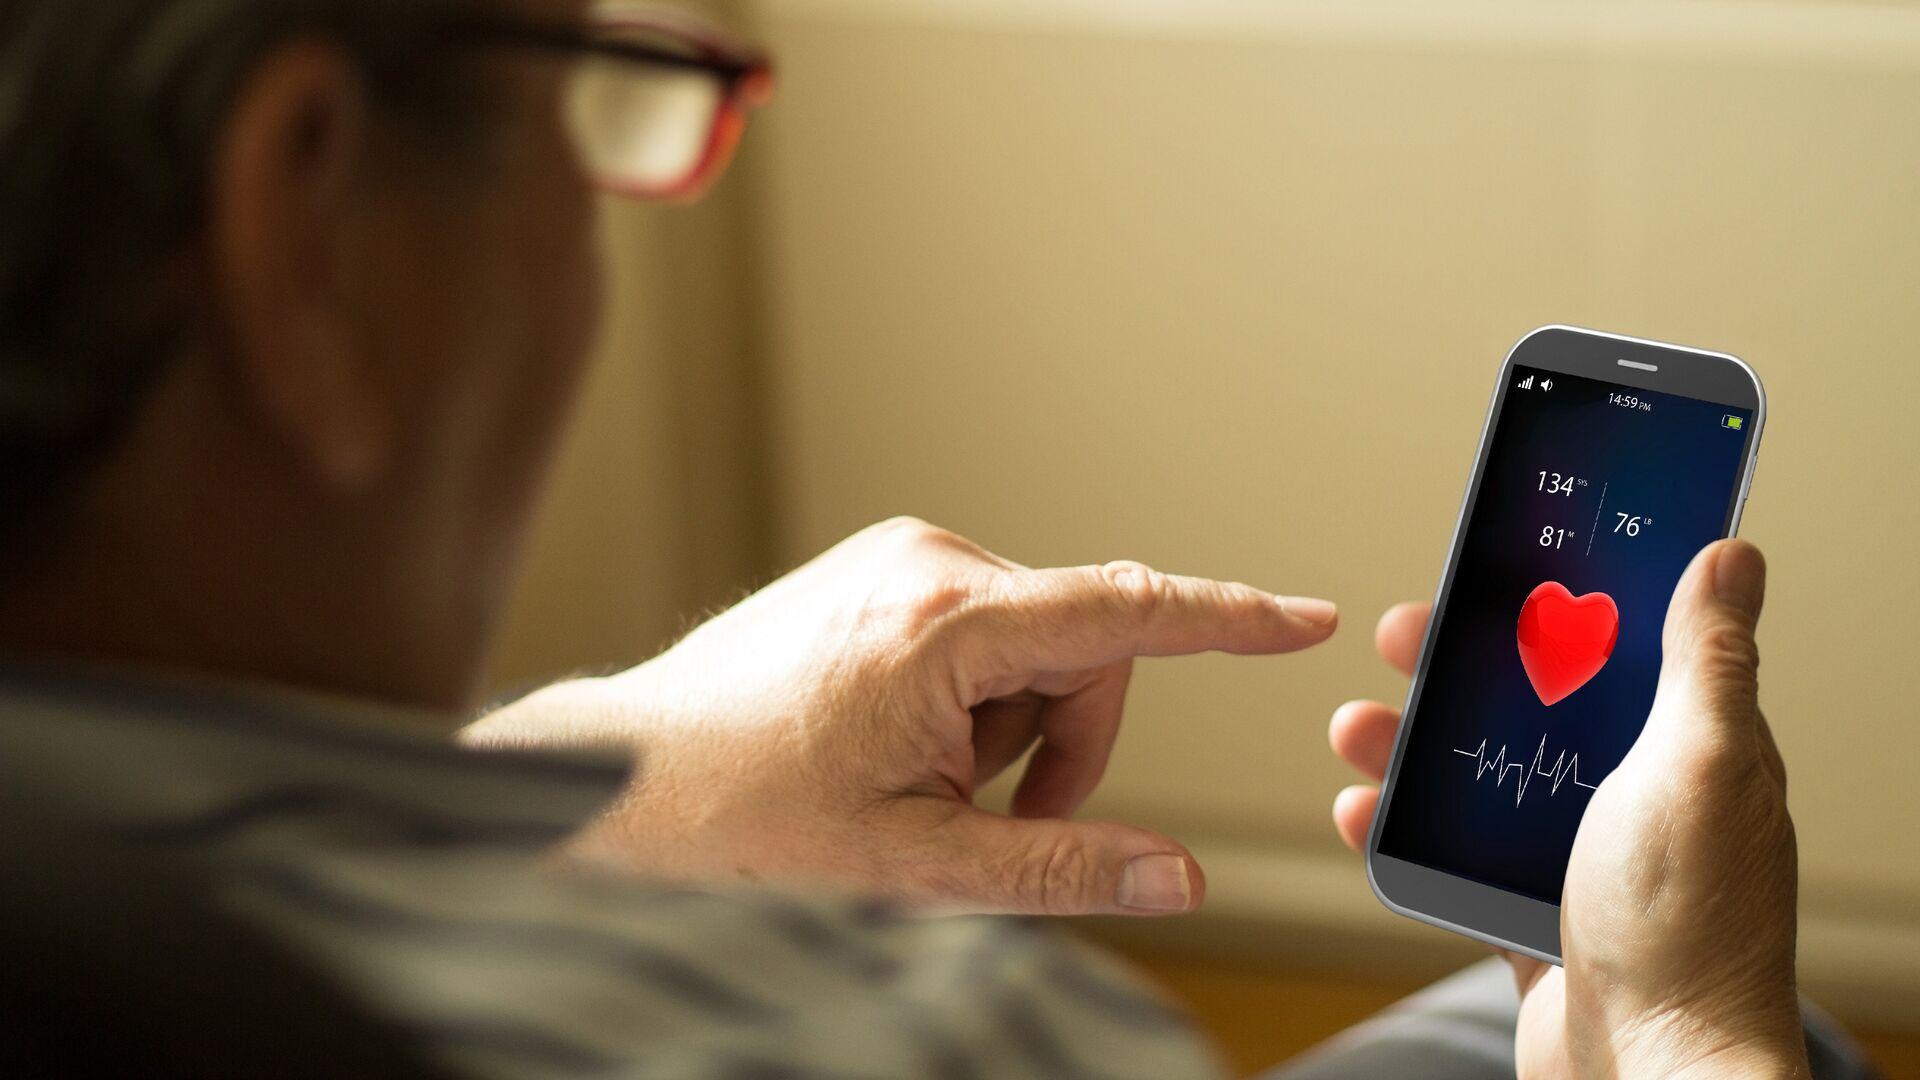 Пожилой мужчина использует M-Health приложение на смартфоне - РИА Новости, 1920, 29.07.2021